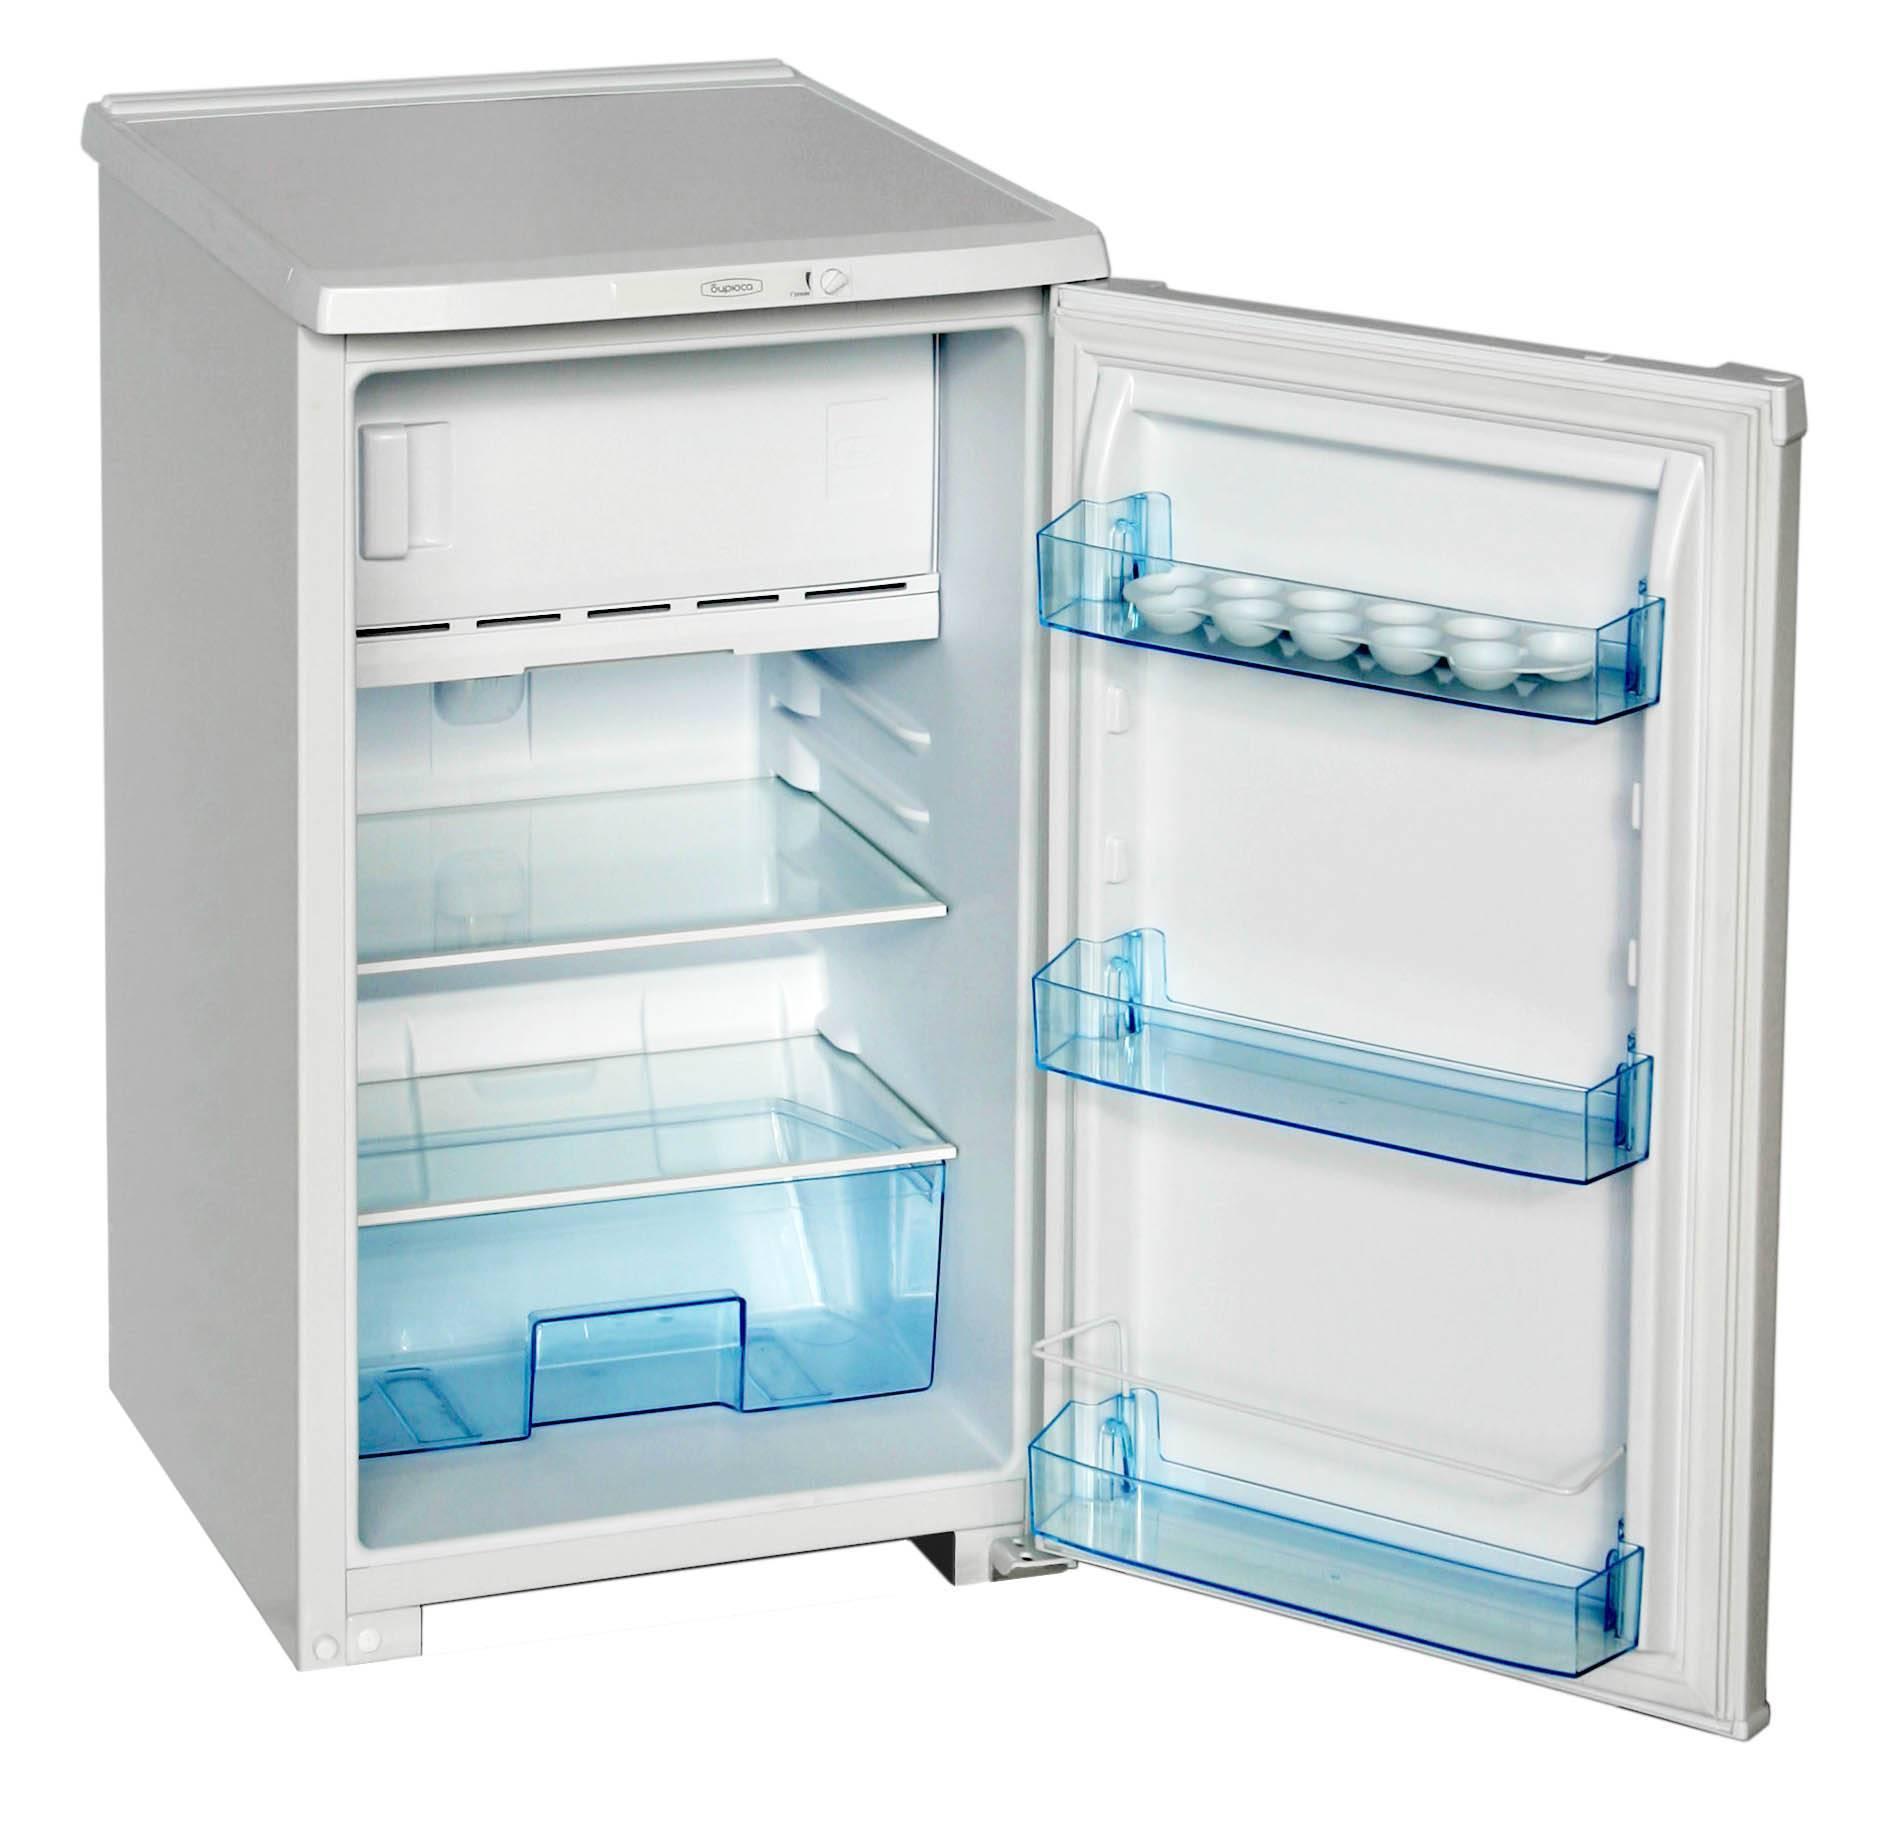 купить холодильник бирюса